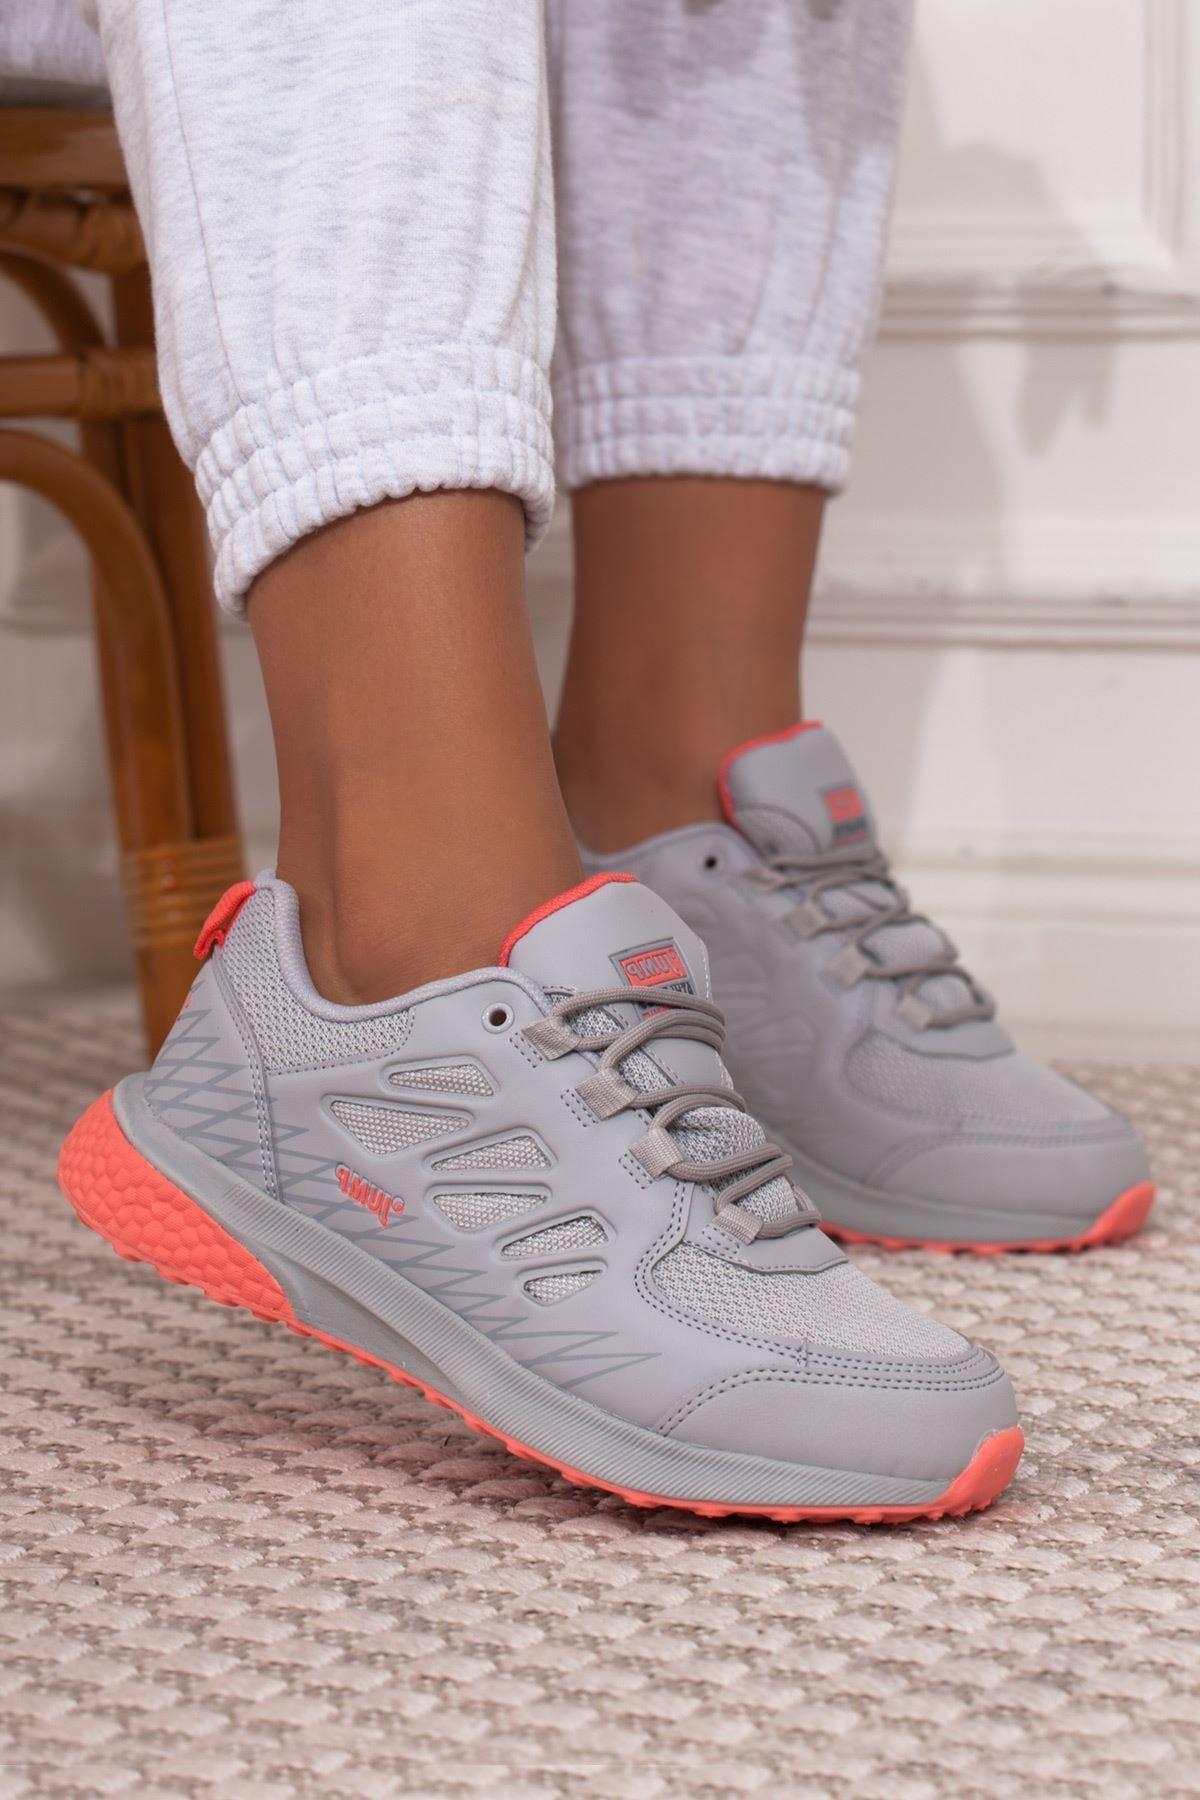 Jump Gri Pembe Bağcıklı Kadın Spor Ayakkabı • A212kjmp0008 1